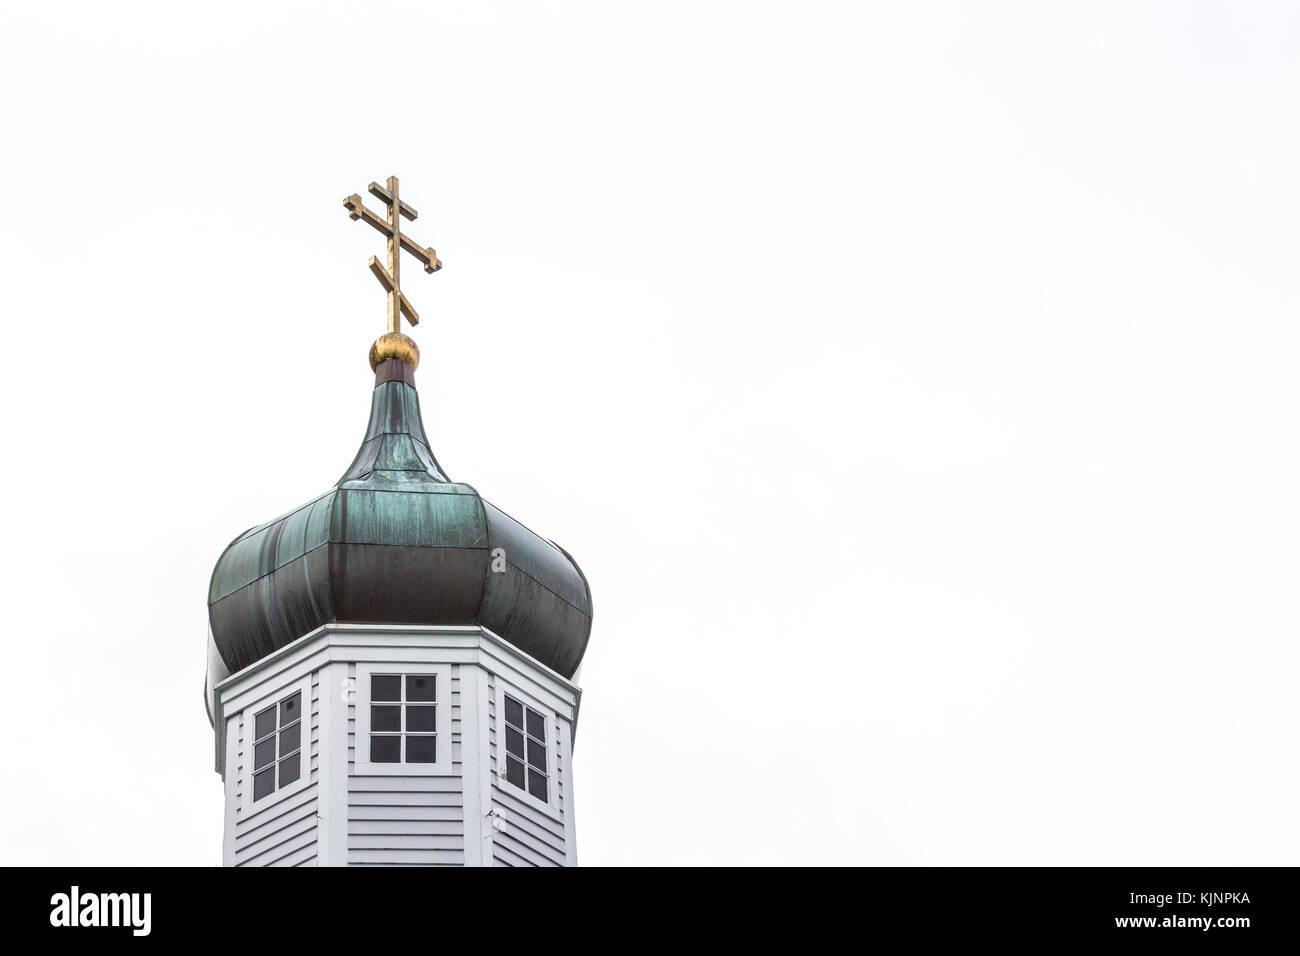 Sitka, Alaska, USA - 20 août 2017: la cathédrale de St Michel Archange mis à Lincoln et matsoutoff rues de Sitka, en Alaska. Banque D'Images